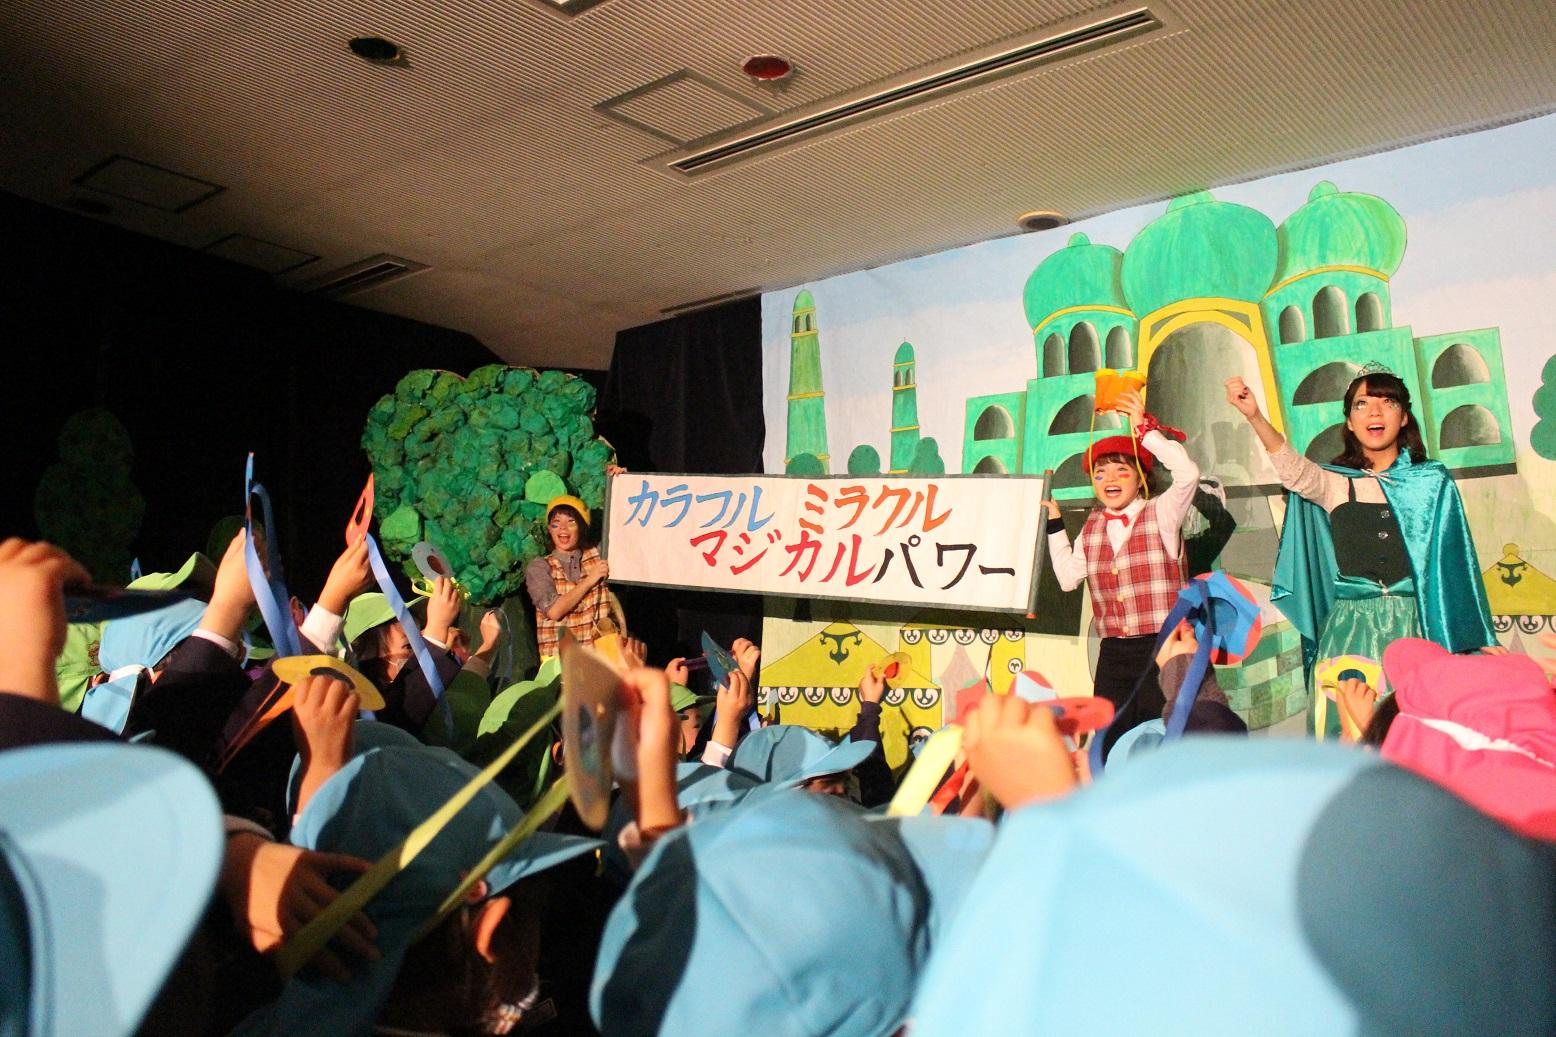 幼児教育祭のリハーサルを観に行ったよ!:画像3